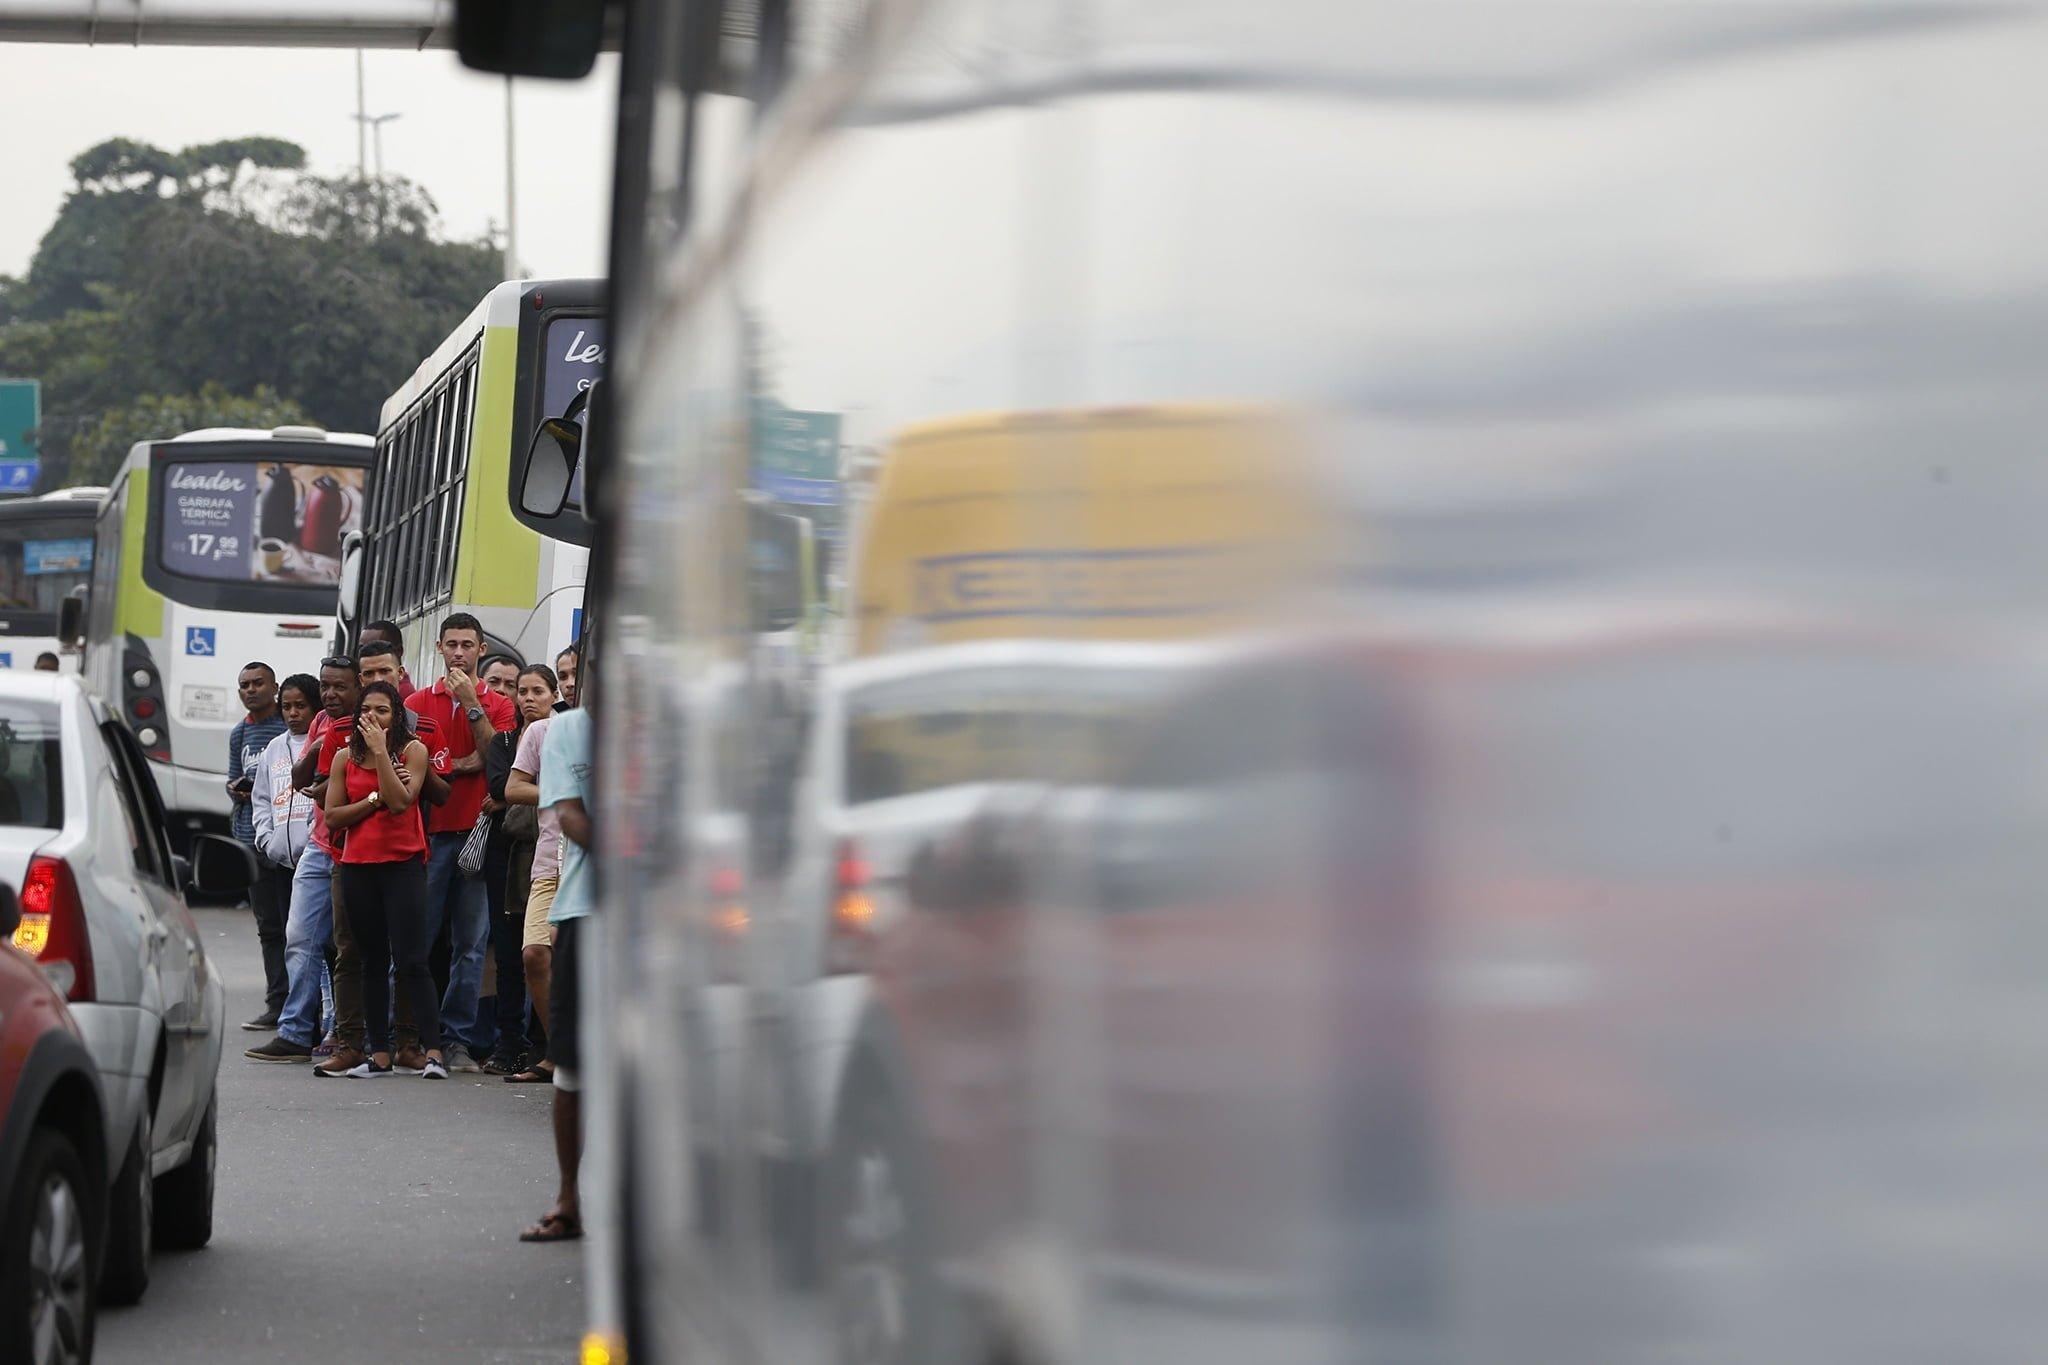 NTU estima que metade das empresas de ônibus vão falir